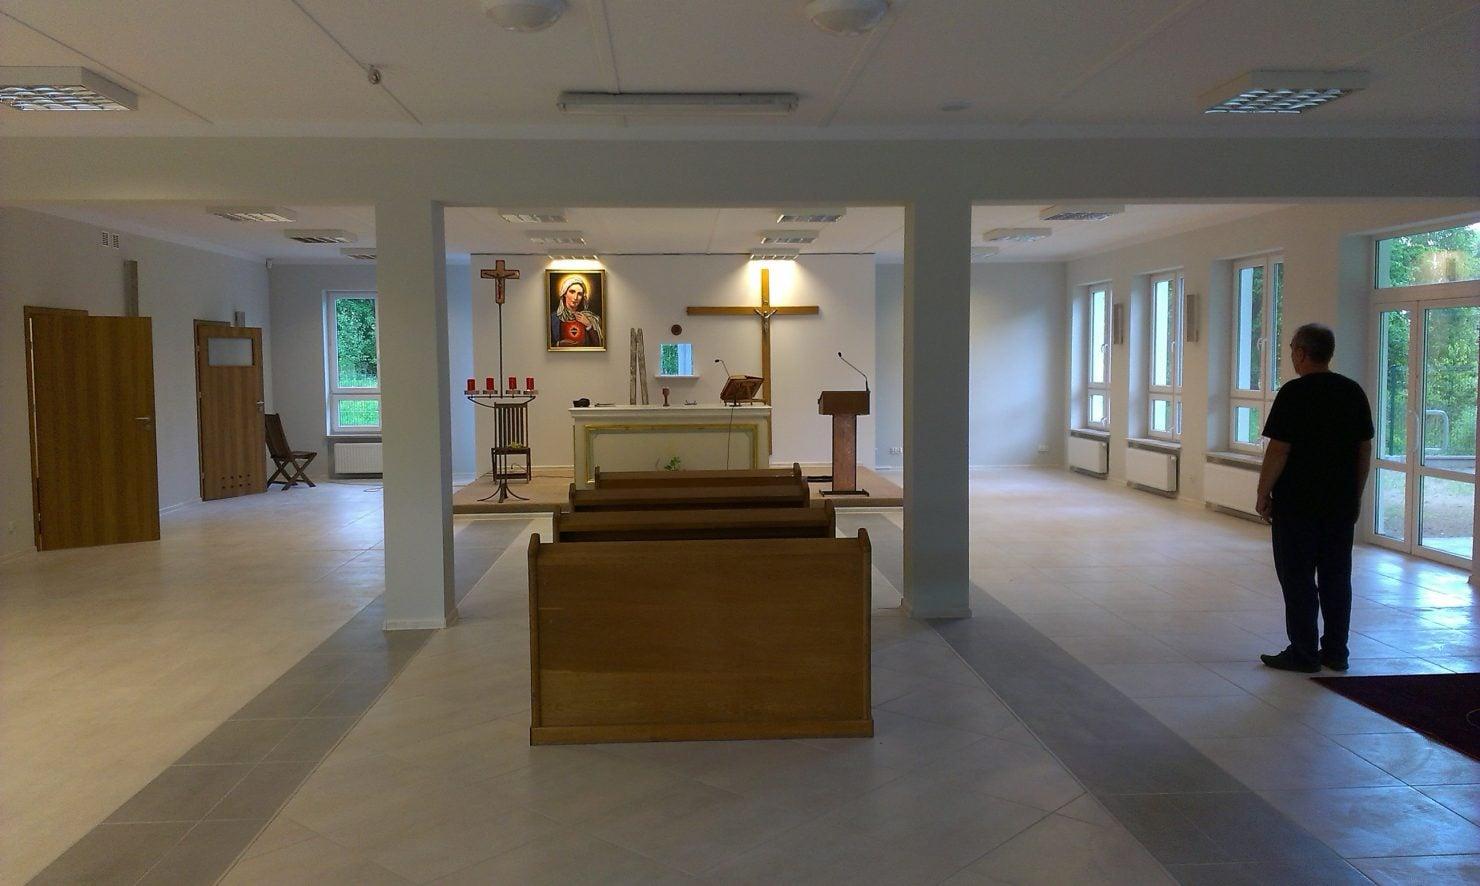 Kaplica w budowie